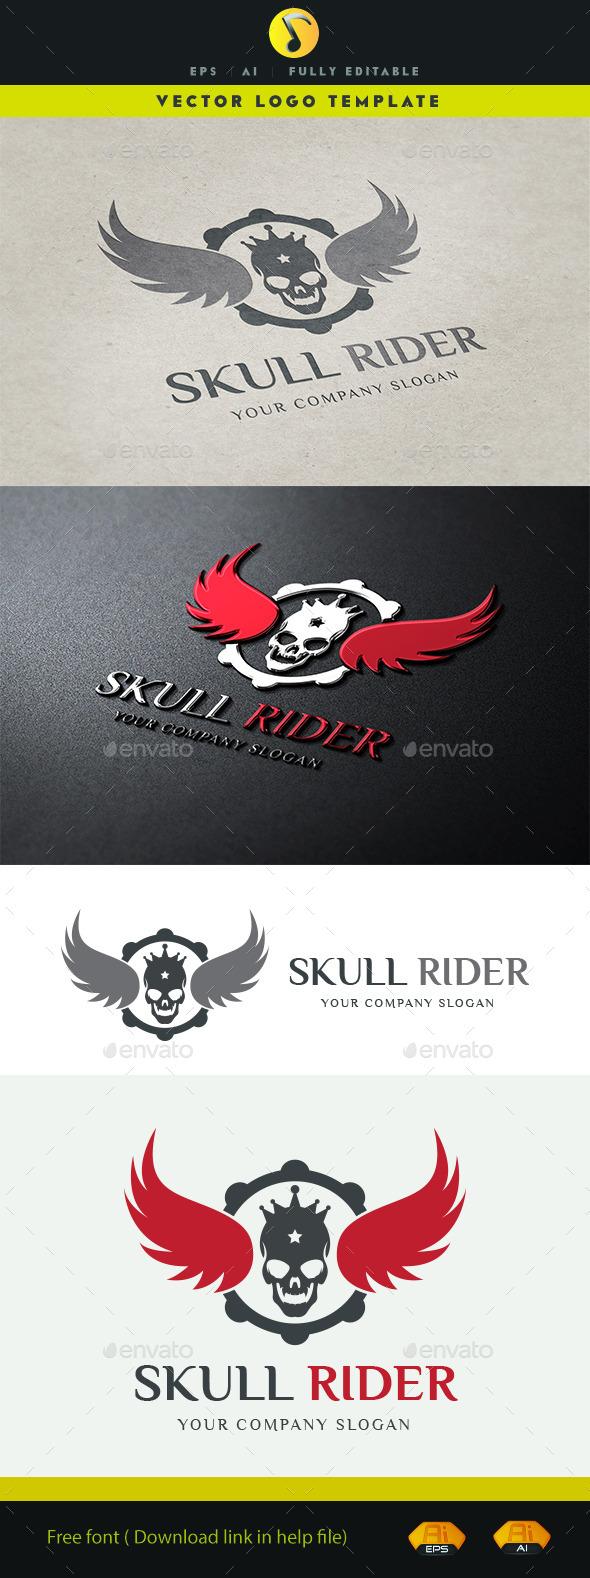 GraphicRiver Skull Rider 11334685